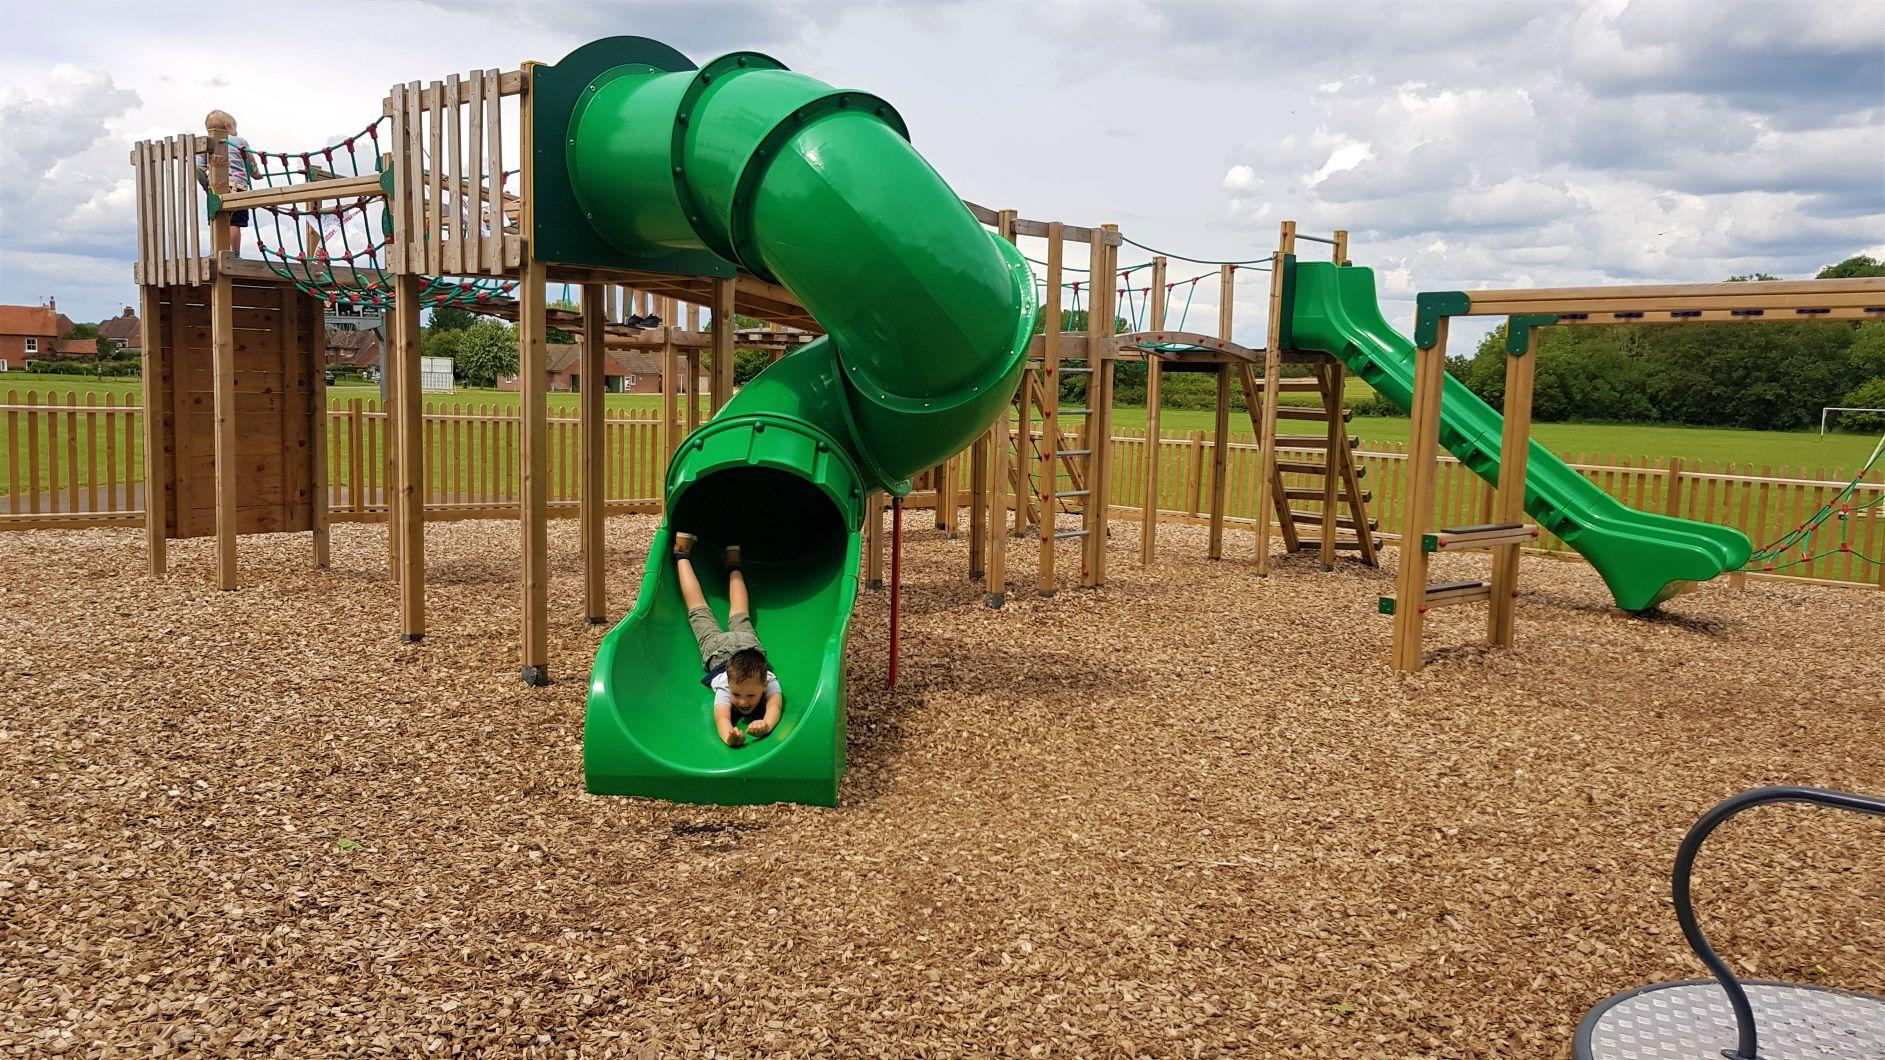 Tetsworth Play Park